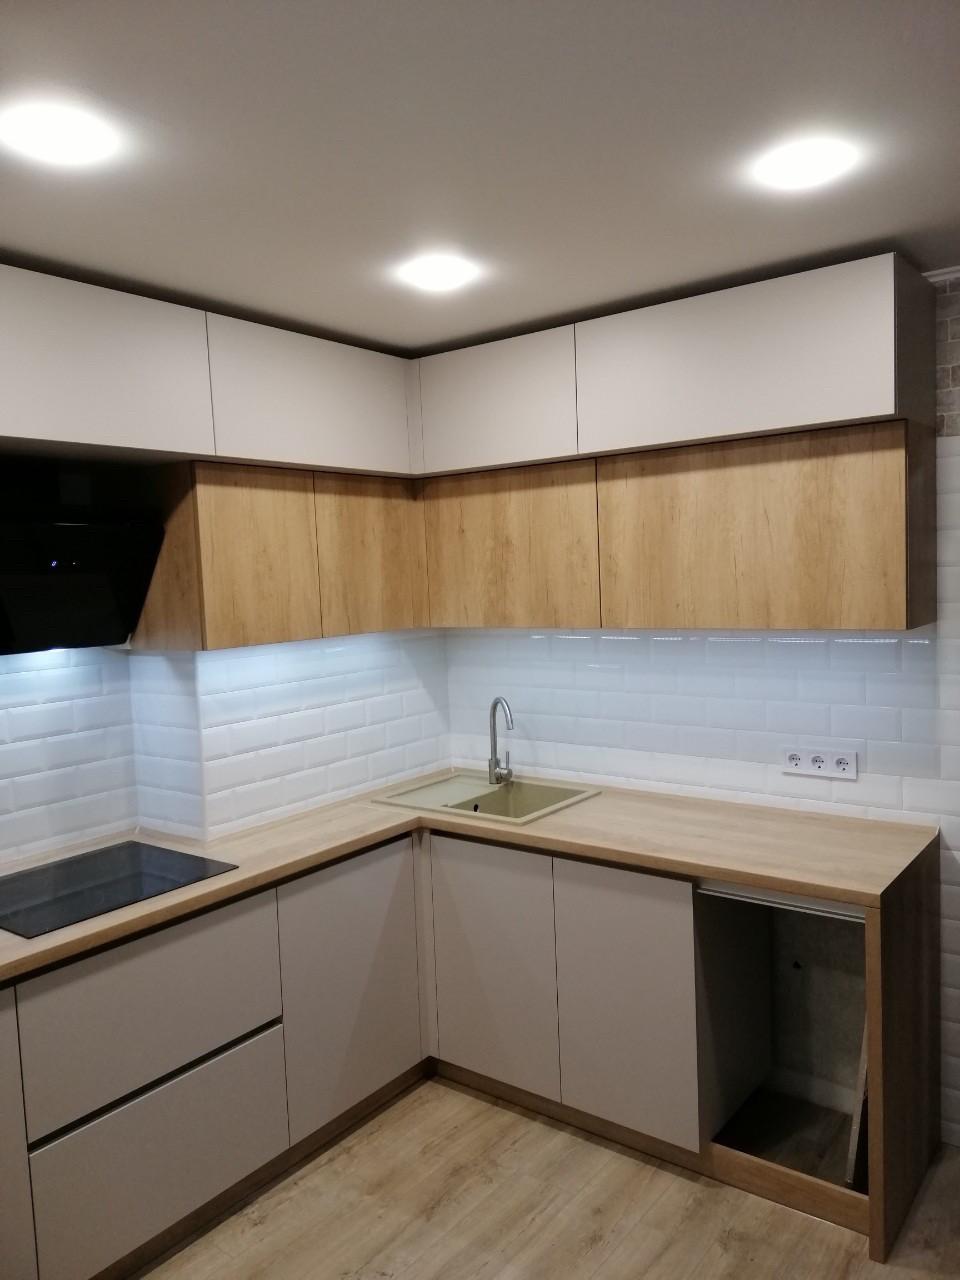 Кухня в стиле лофт Хит продаж. Новинка 2019